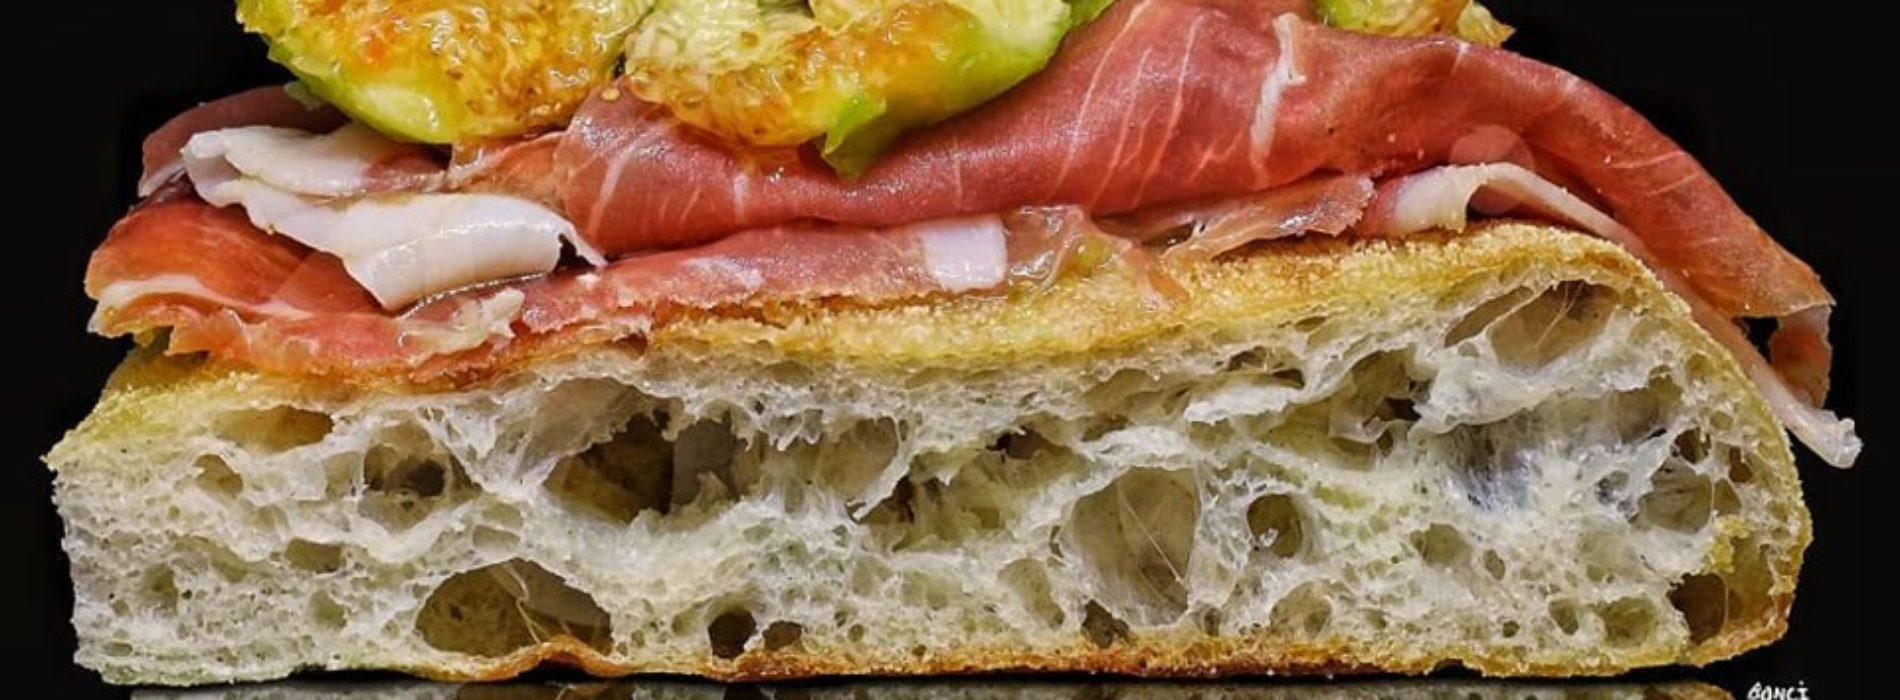 Pizza e fichi a Roma, dove mangiare un classico della tradizione romana (ora anche gourmet)